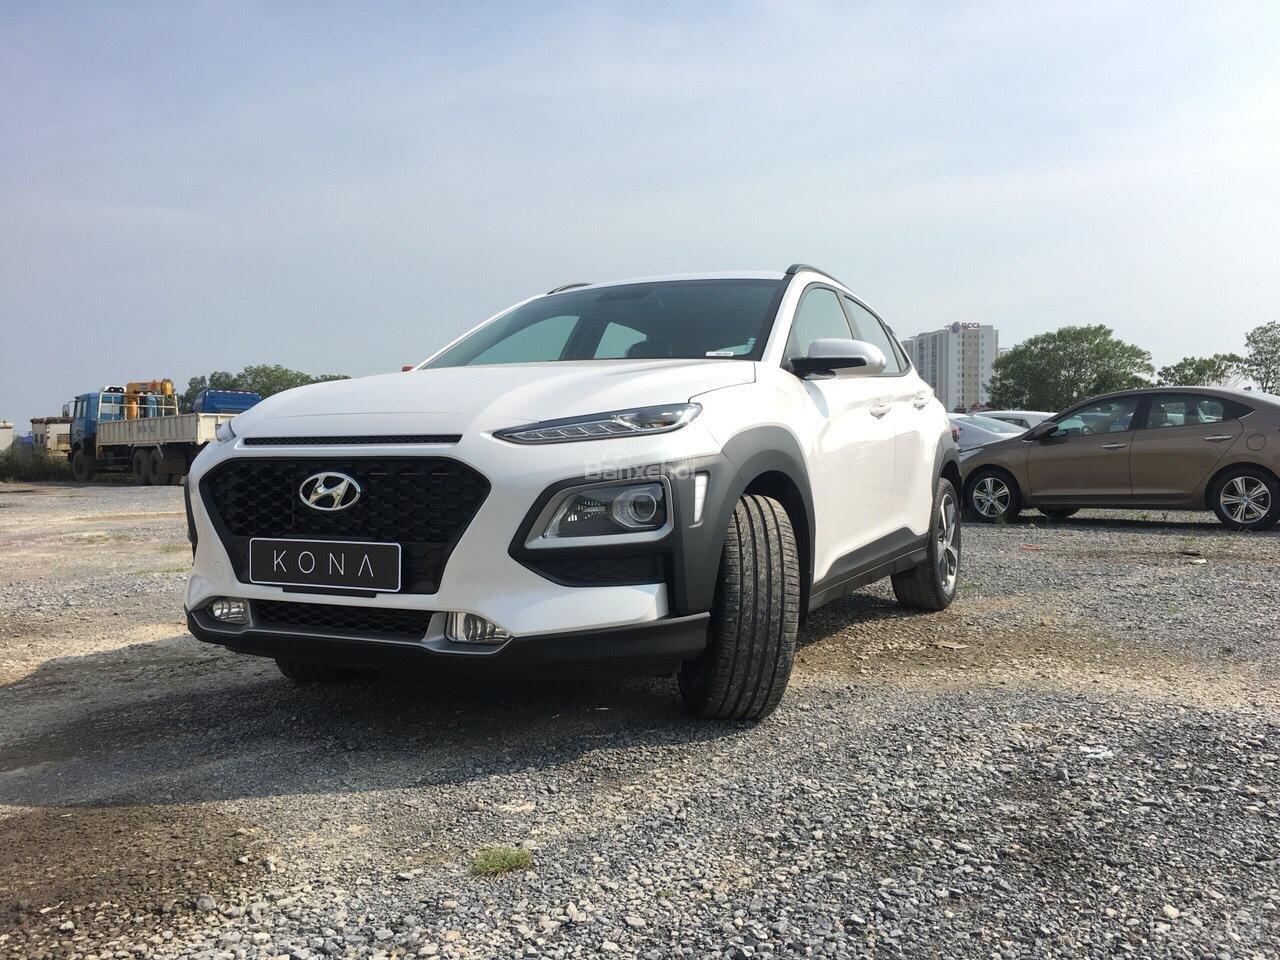 Hyundai Kona 2018 nhập nguyên chiếc, giao ngay, KM cực cao, trả góp 90%, giao ngay, lh ngay: 0981476777 để ép giá-0